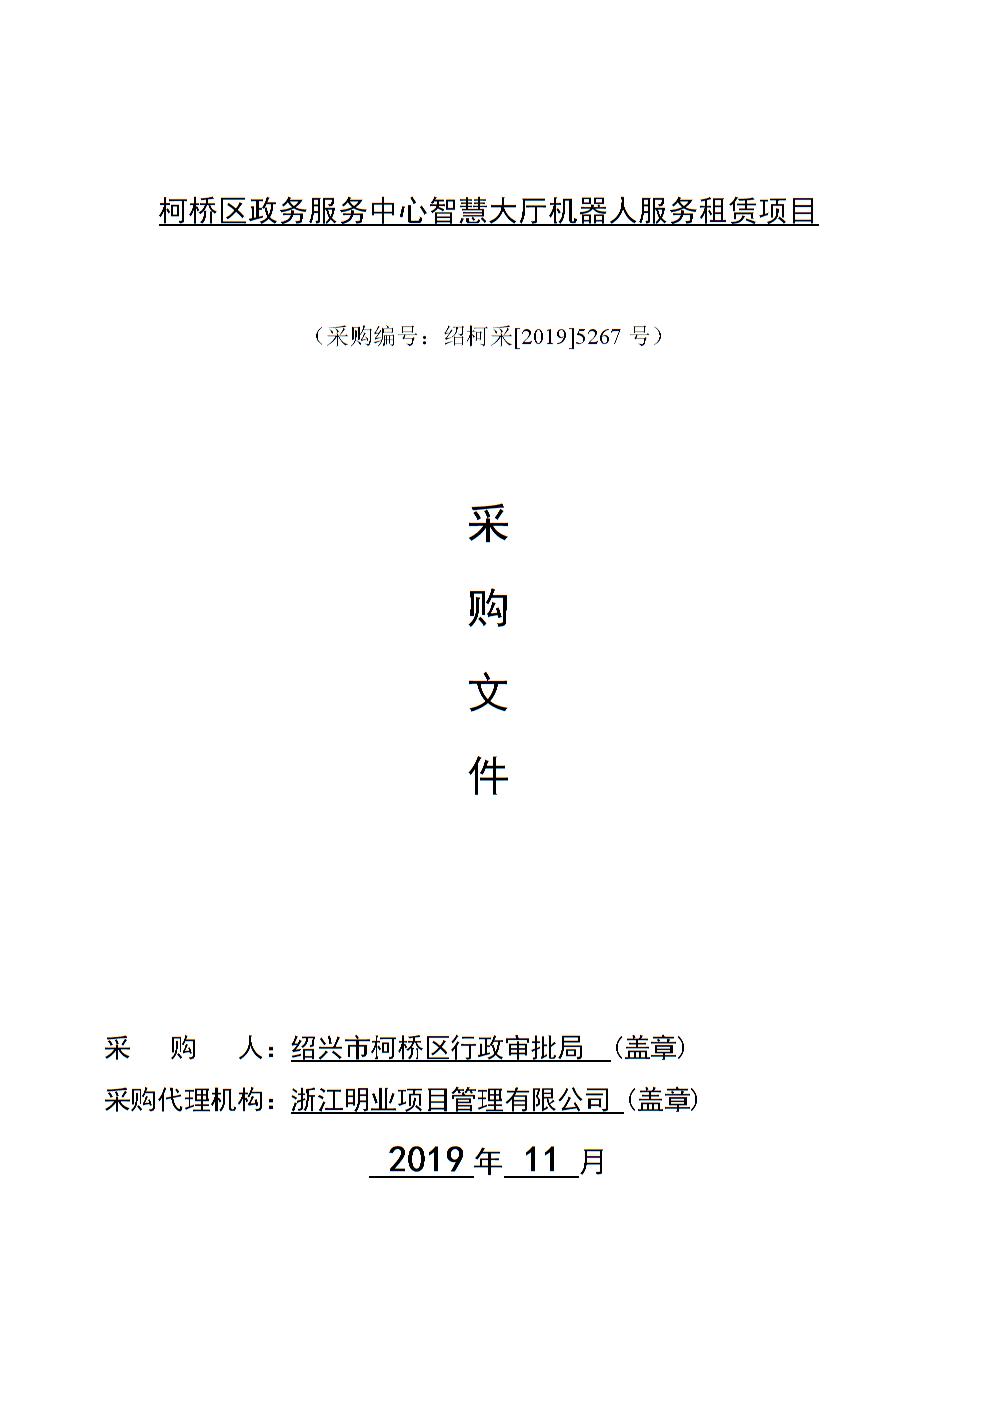 智慧大厅机器人服务租赁项目服务项目招标文件.doc